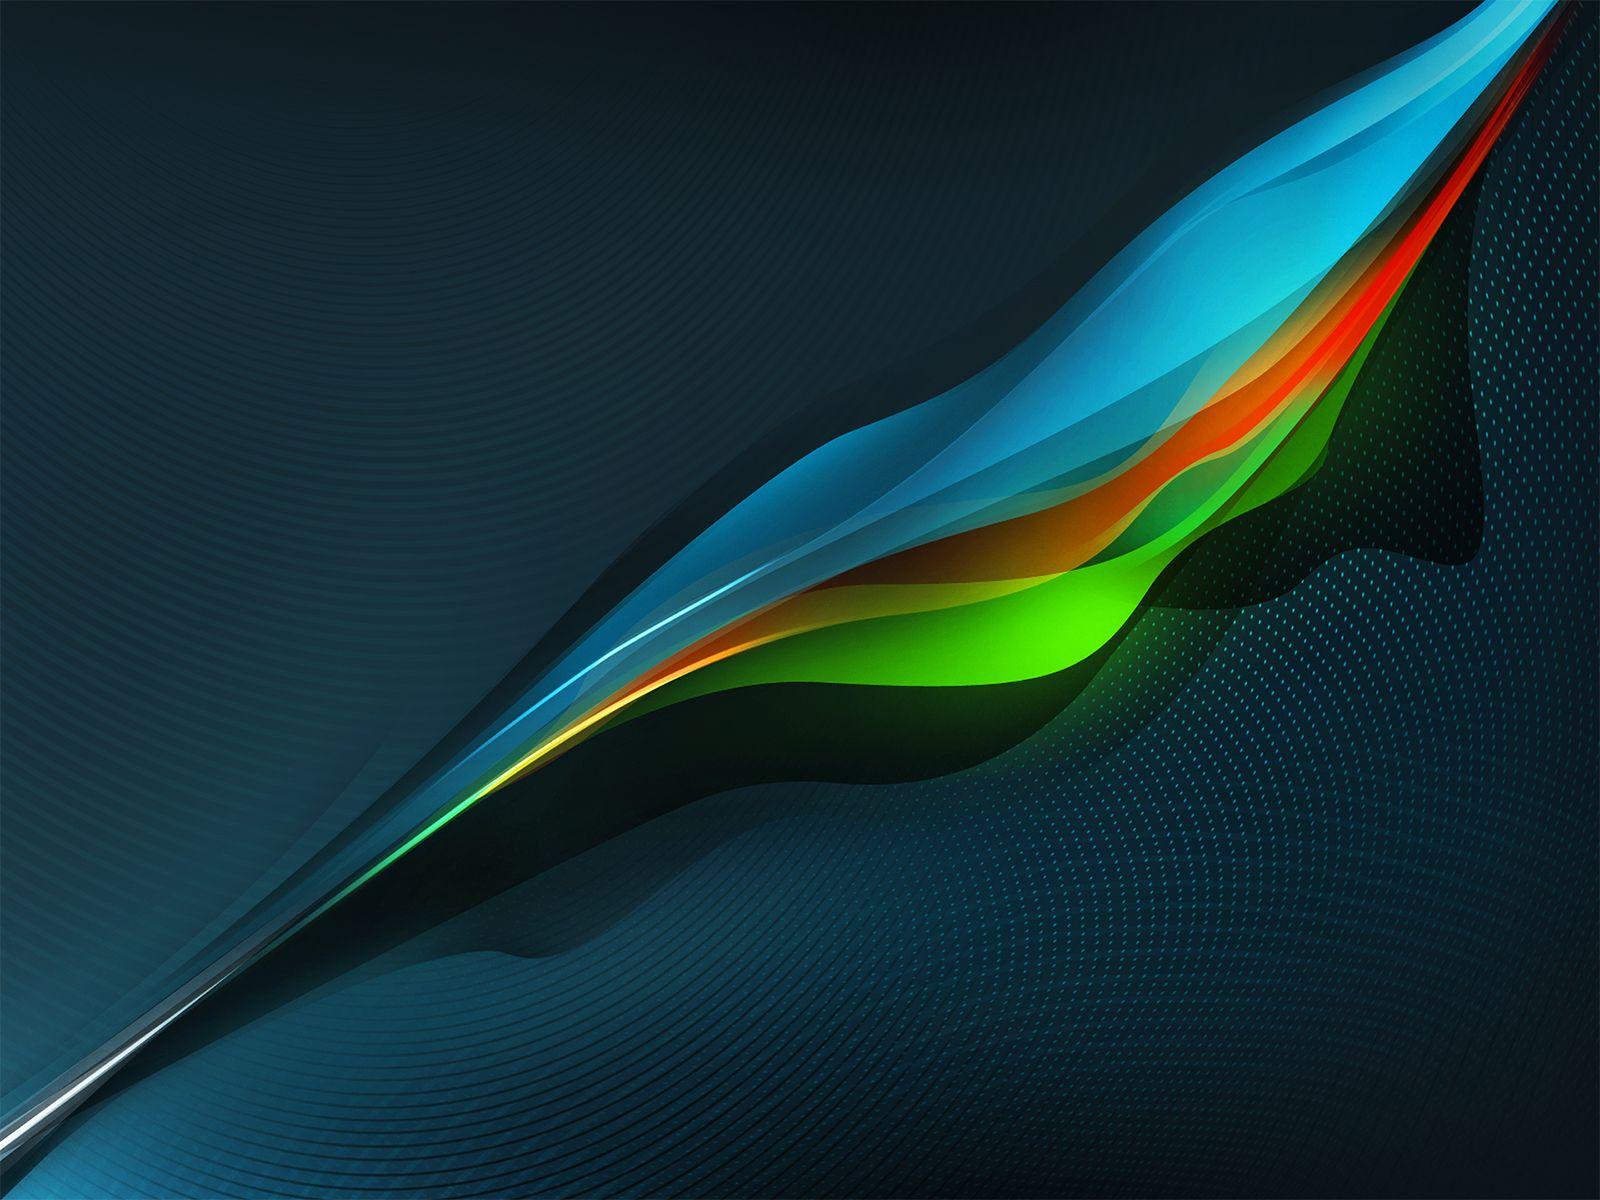 http://4.bp.blogspot.com/-llWBqqDZHpo/UAYXL9RHpyI/AAAAAAAAClk/asOc_V9wxjY/s1600/premium-wallpaper-33.jpg